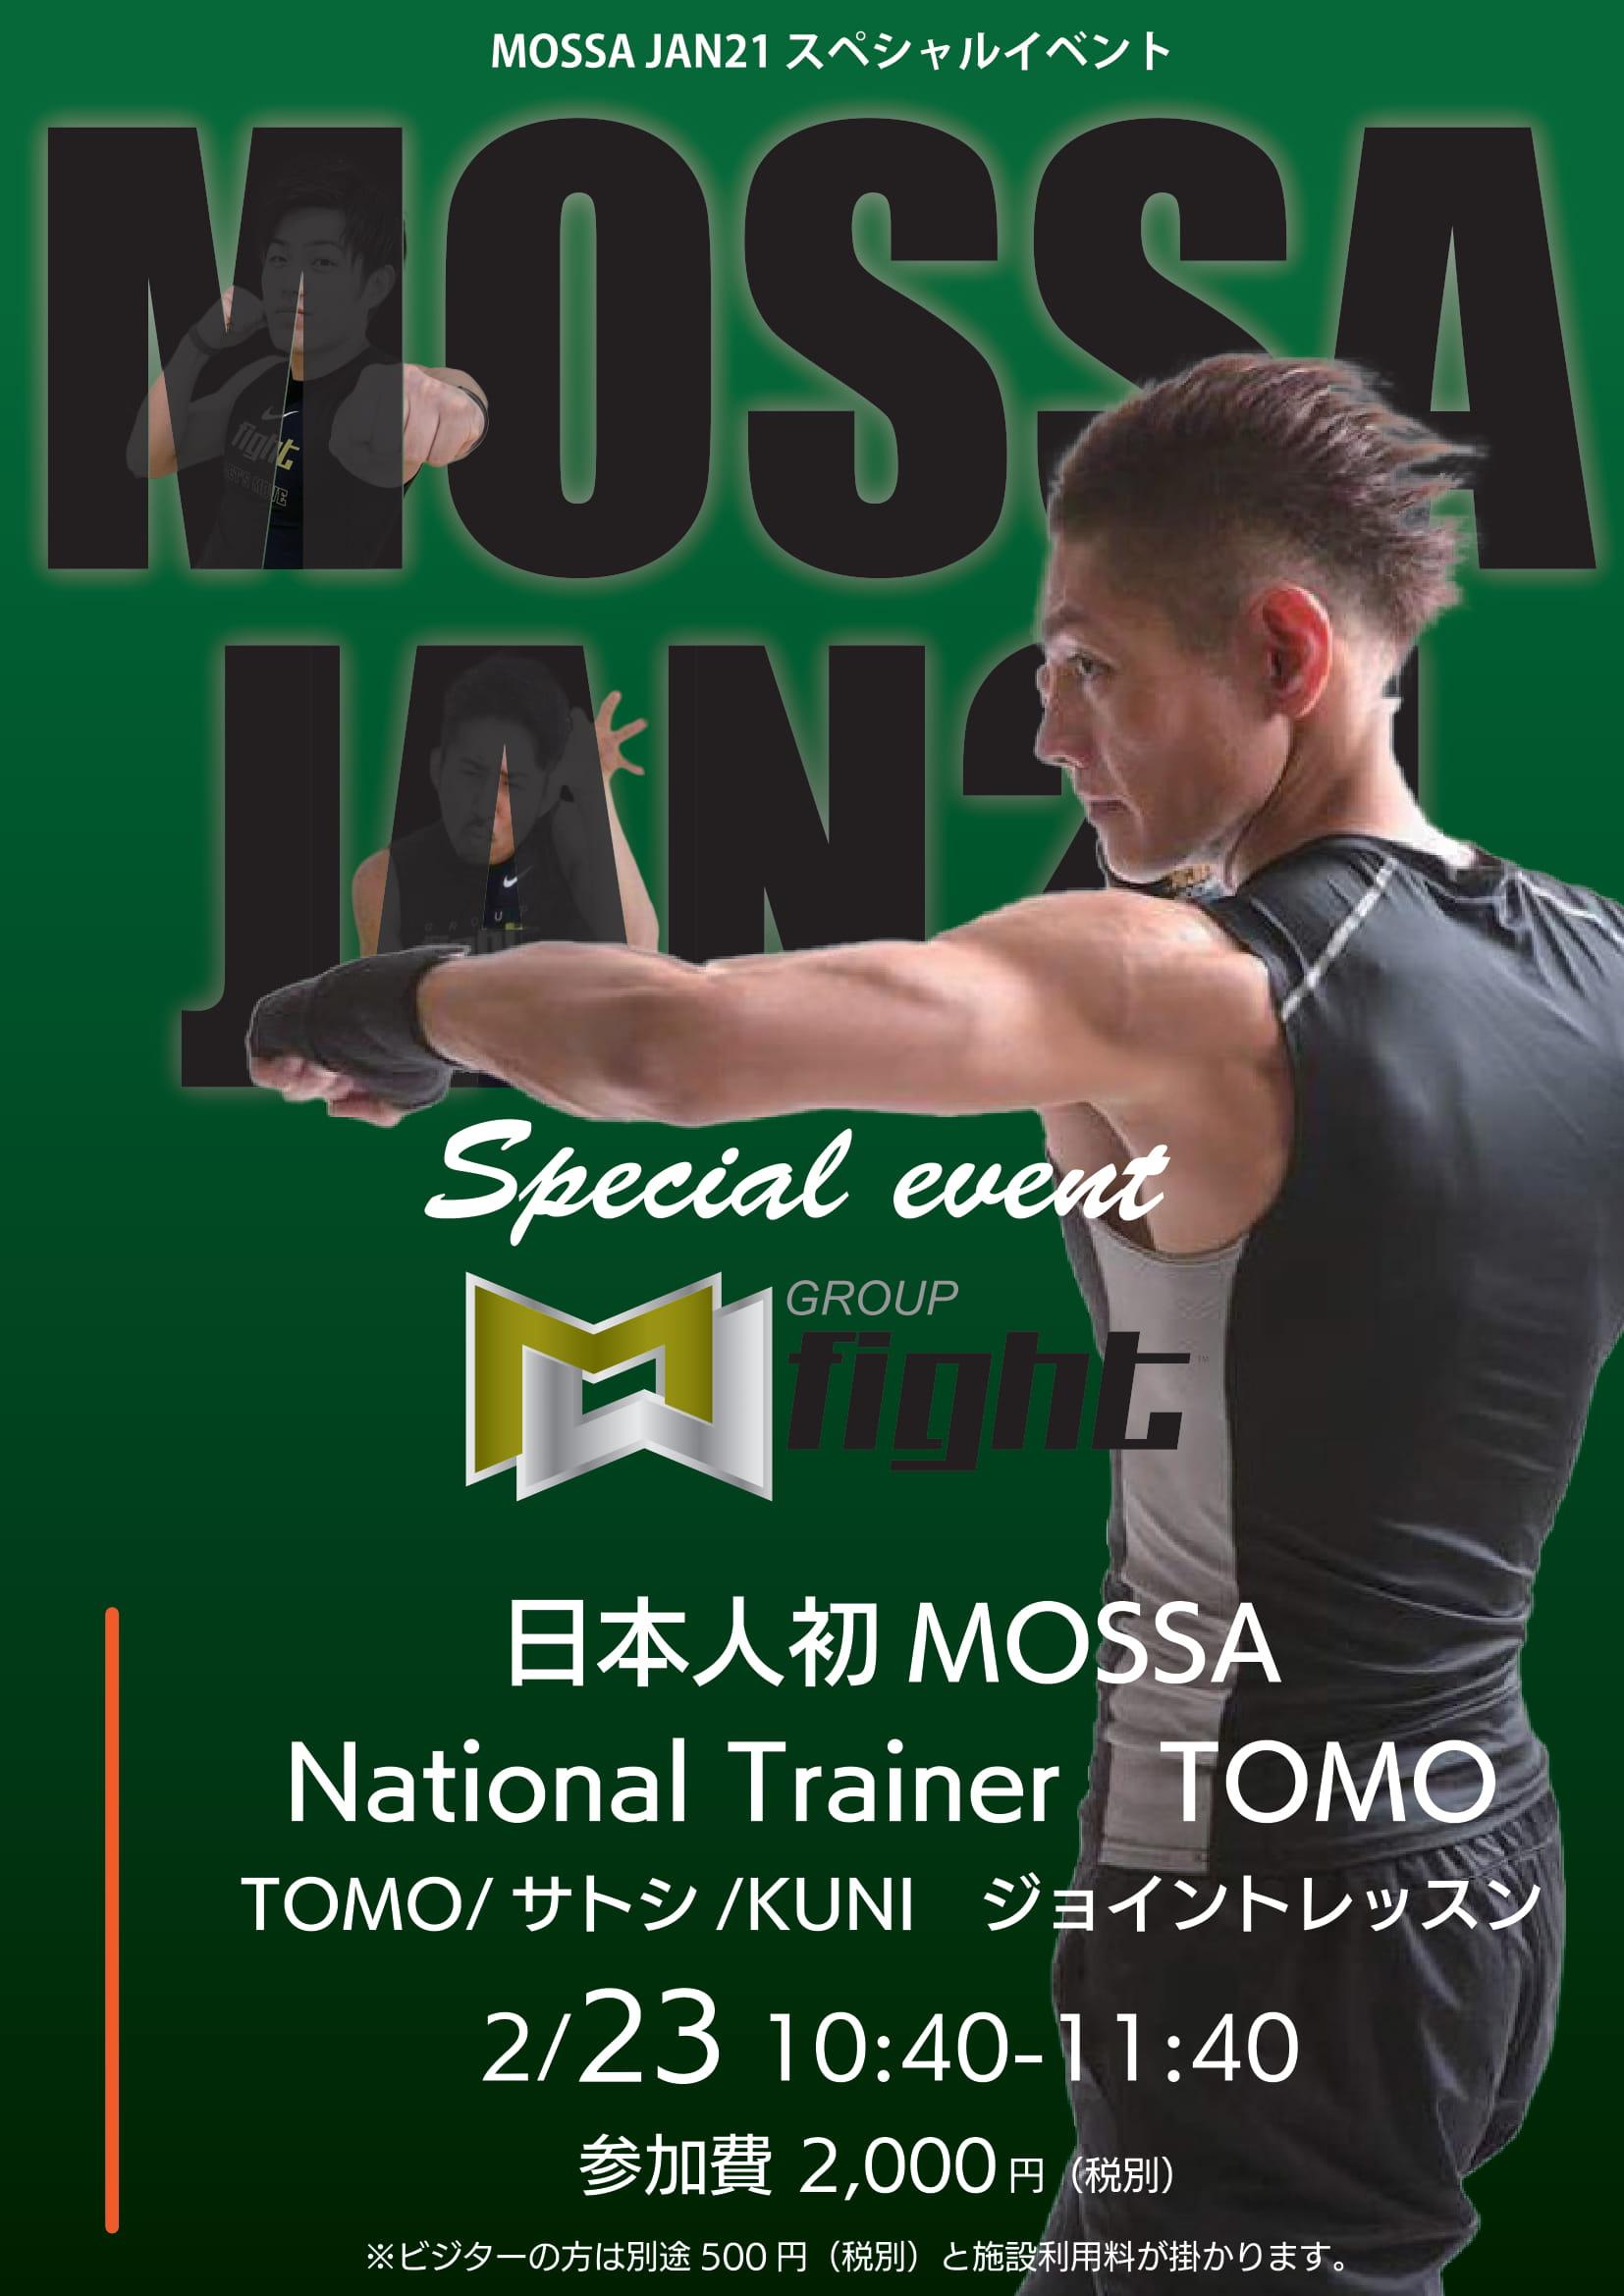 イベント MOSSA GROUP FIGHT ナショナルトレーナーTOMO参戦('◇')ゞ